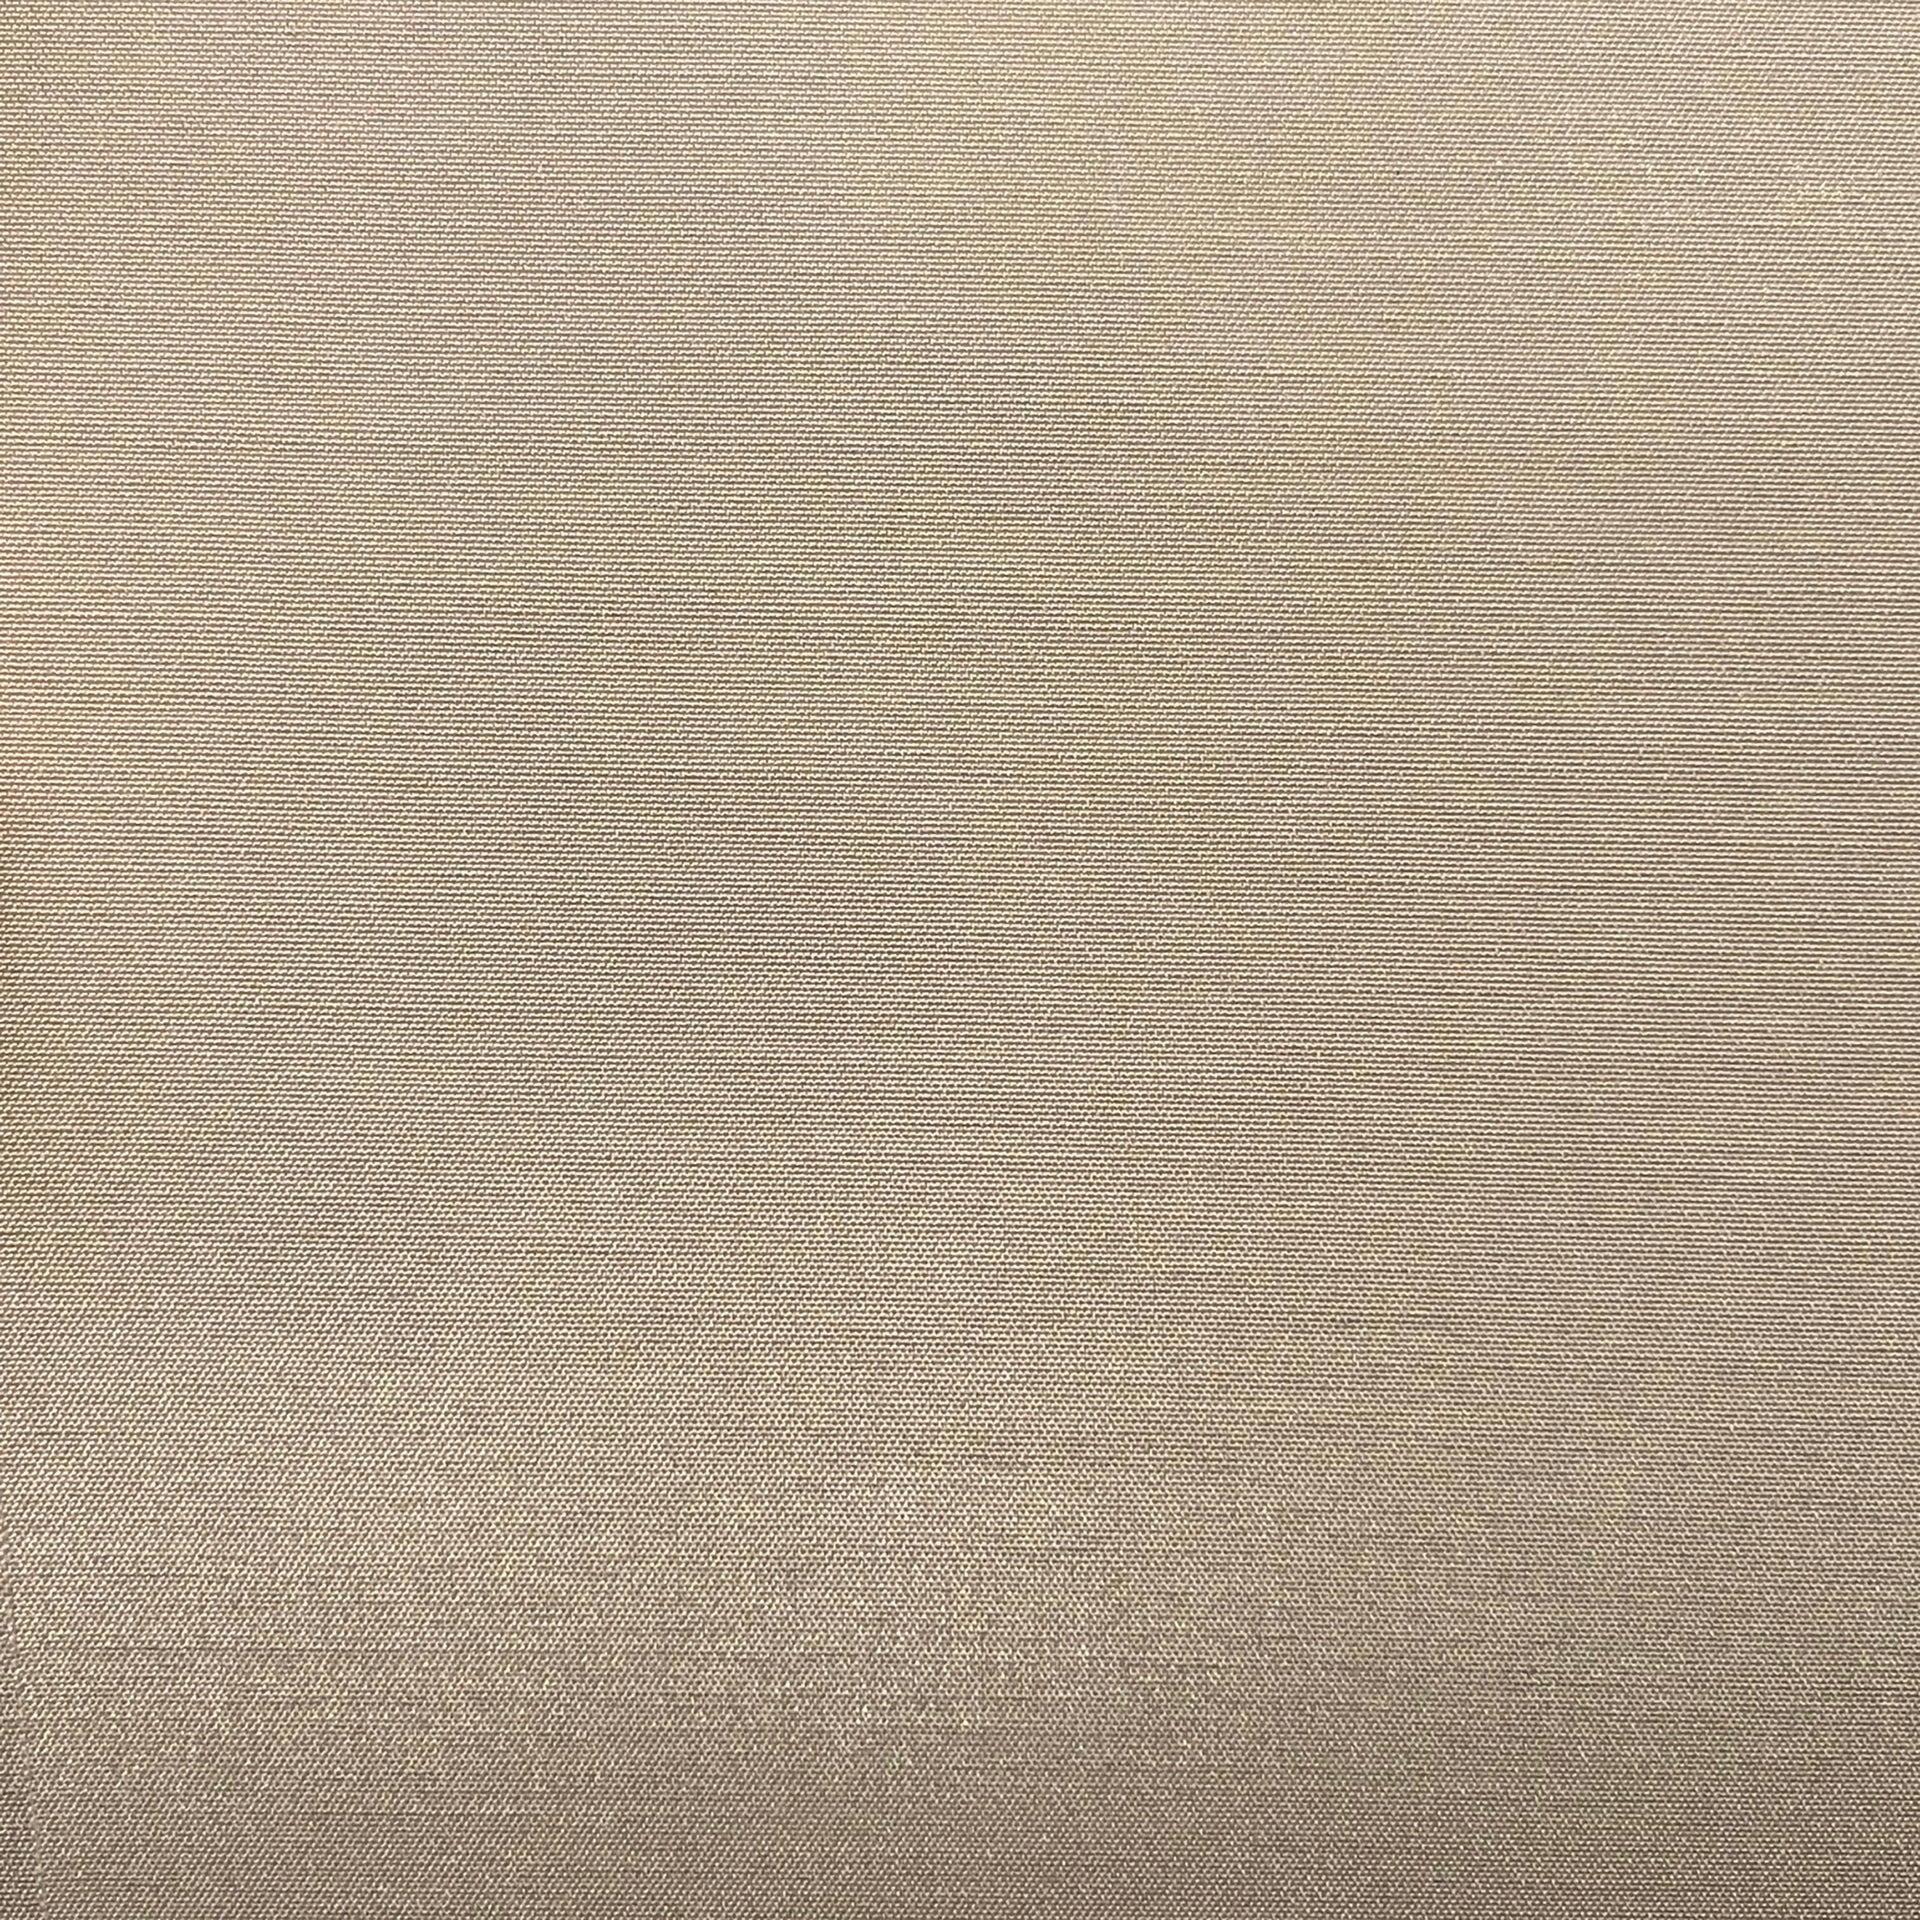 Paralume per lampada da tavolo personalizzabile Ø 14 cm tortora in teletta Inspire - 2